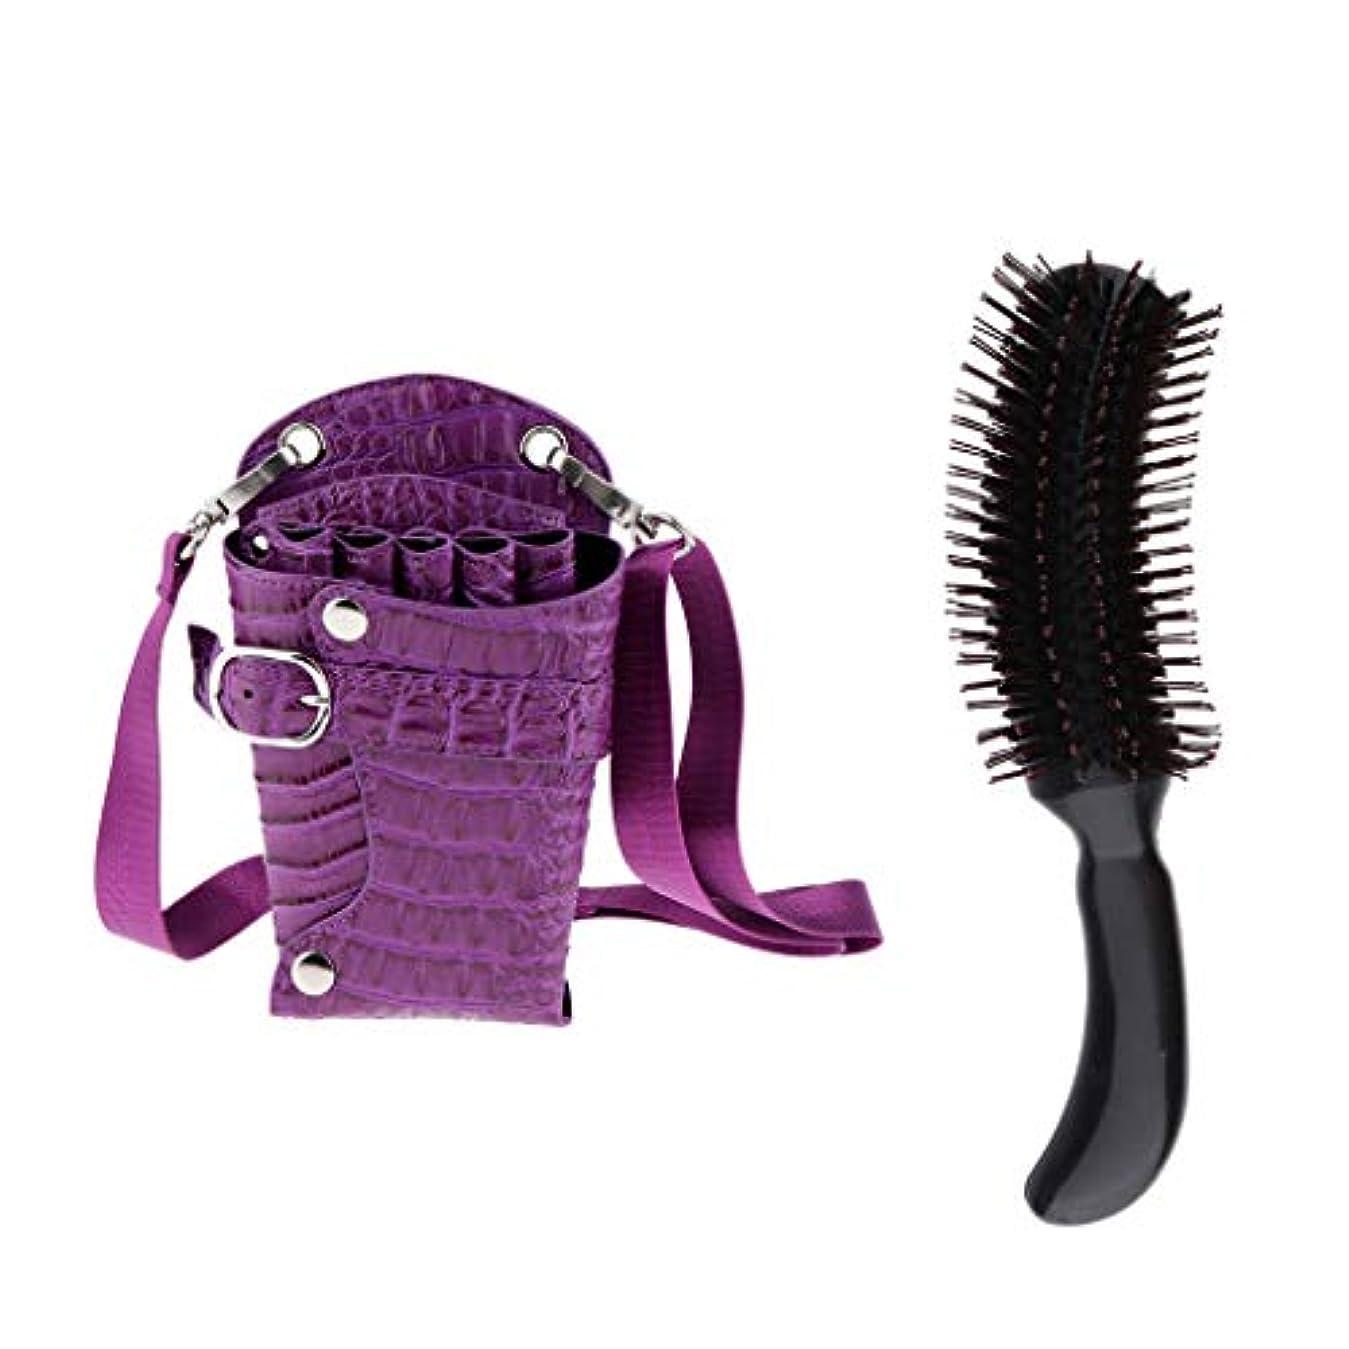 安定しました口径アダルトDYNWAVE 理髪はさみツールホルダーケース&スタイリングデタングルヘアブラシS形状